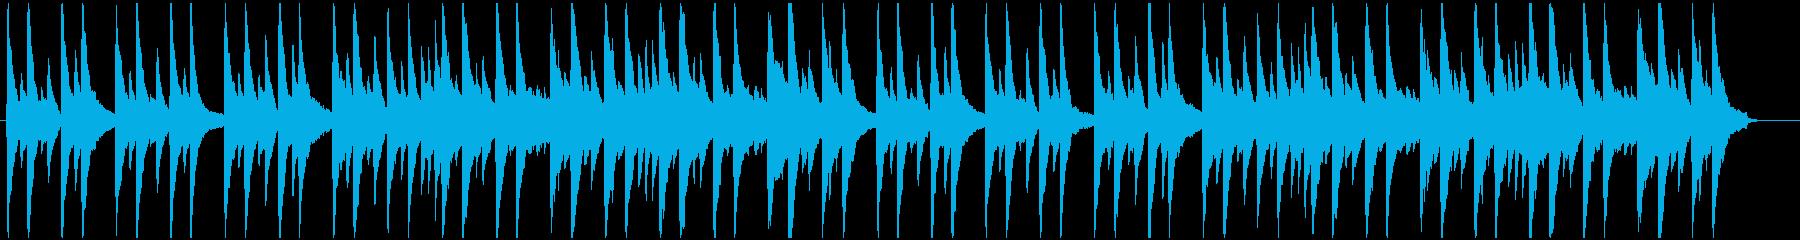 おやすみをイメージしたピアノソロBGMの再生済みの波形